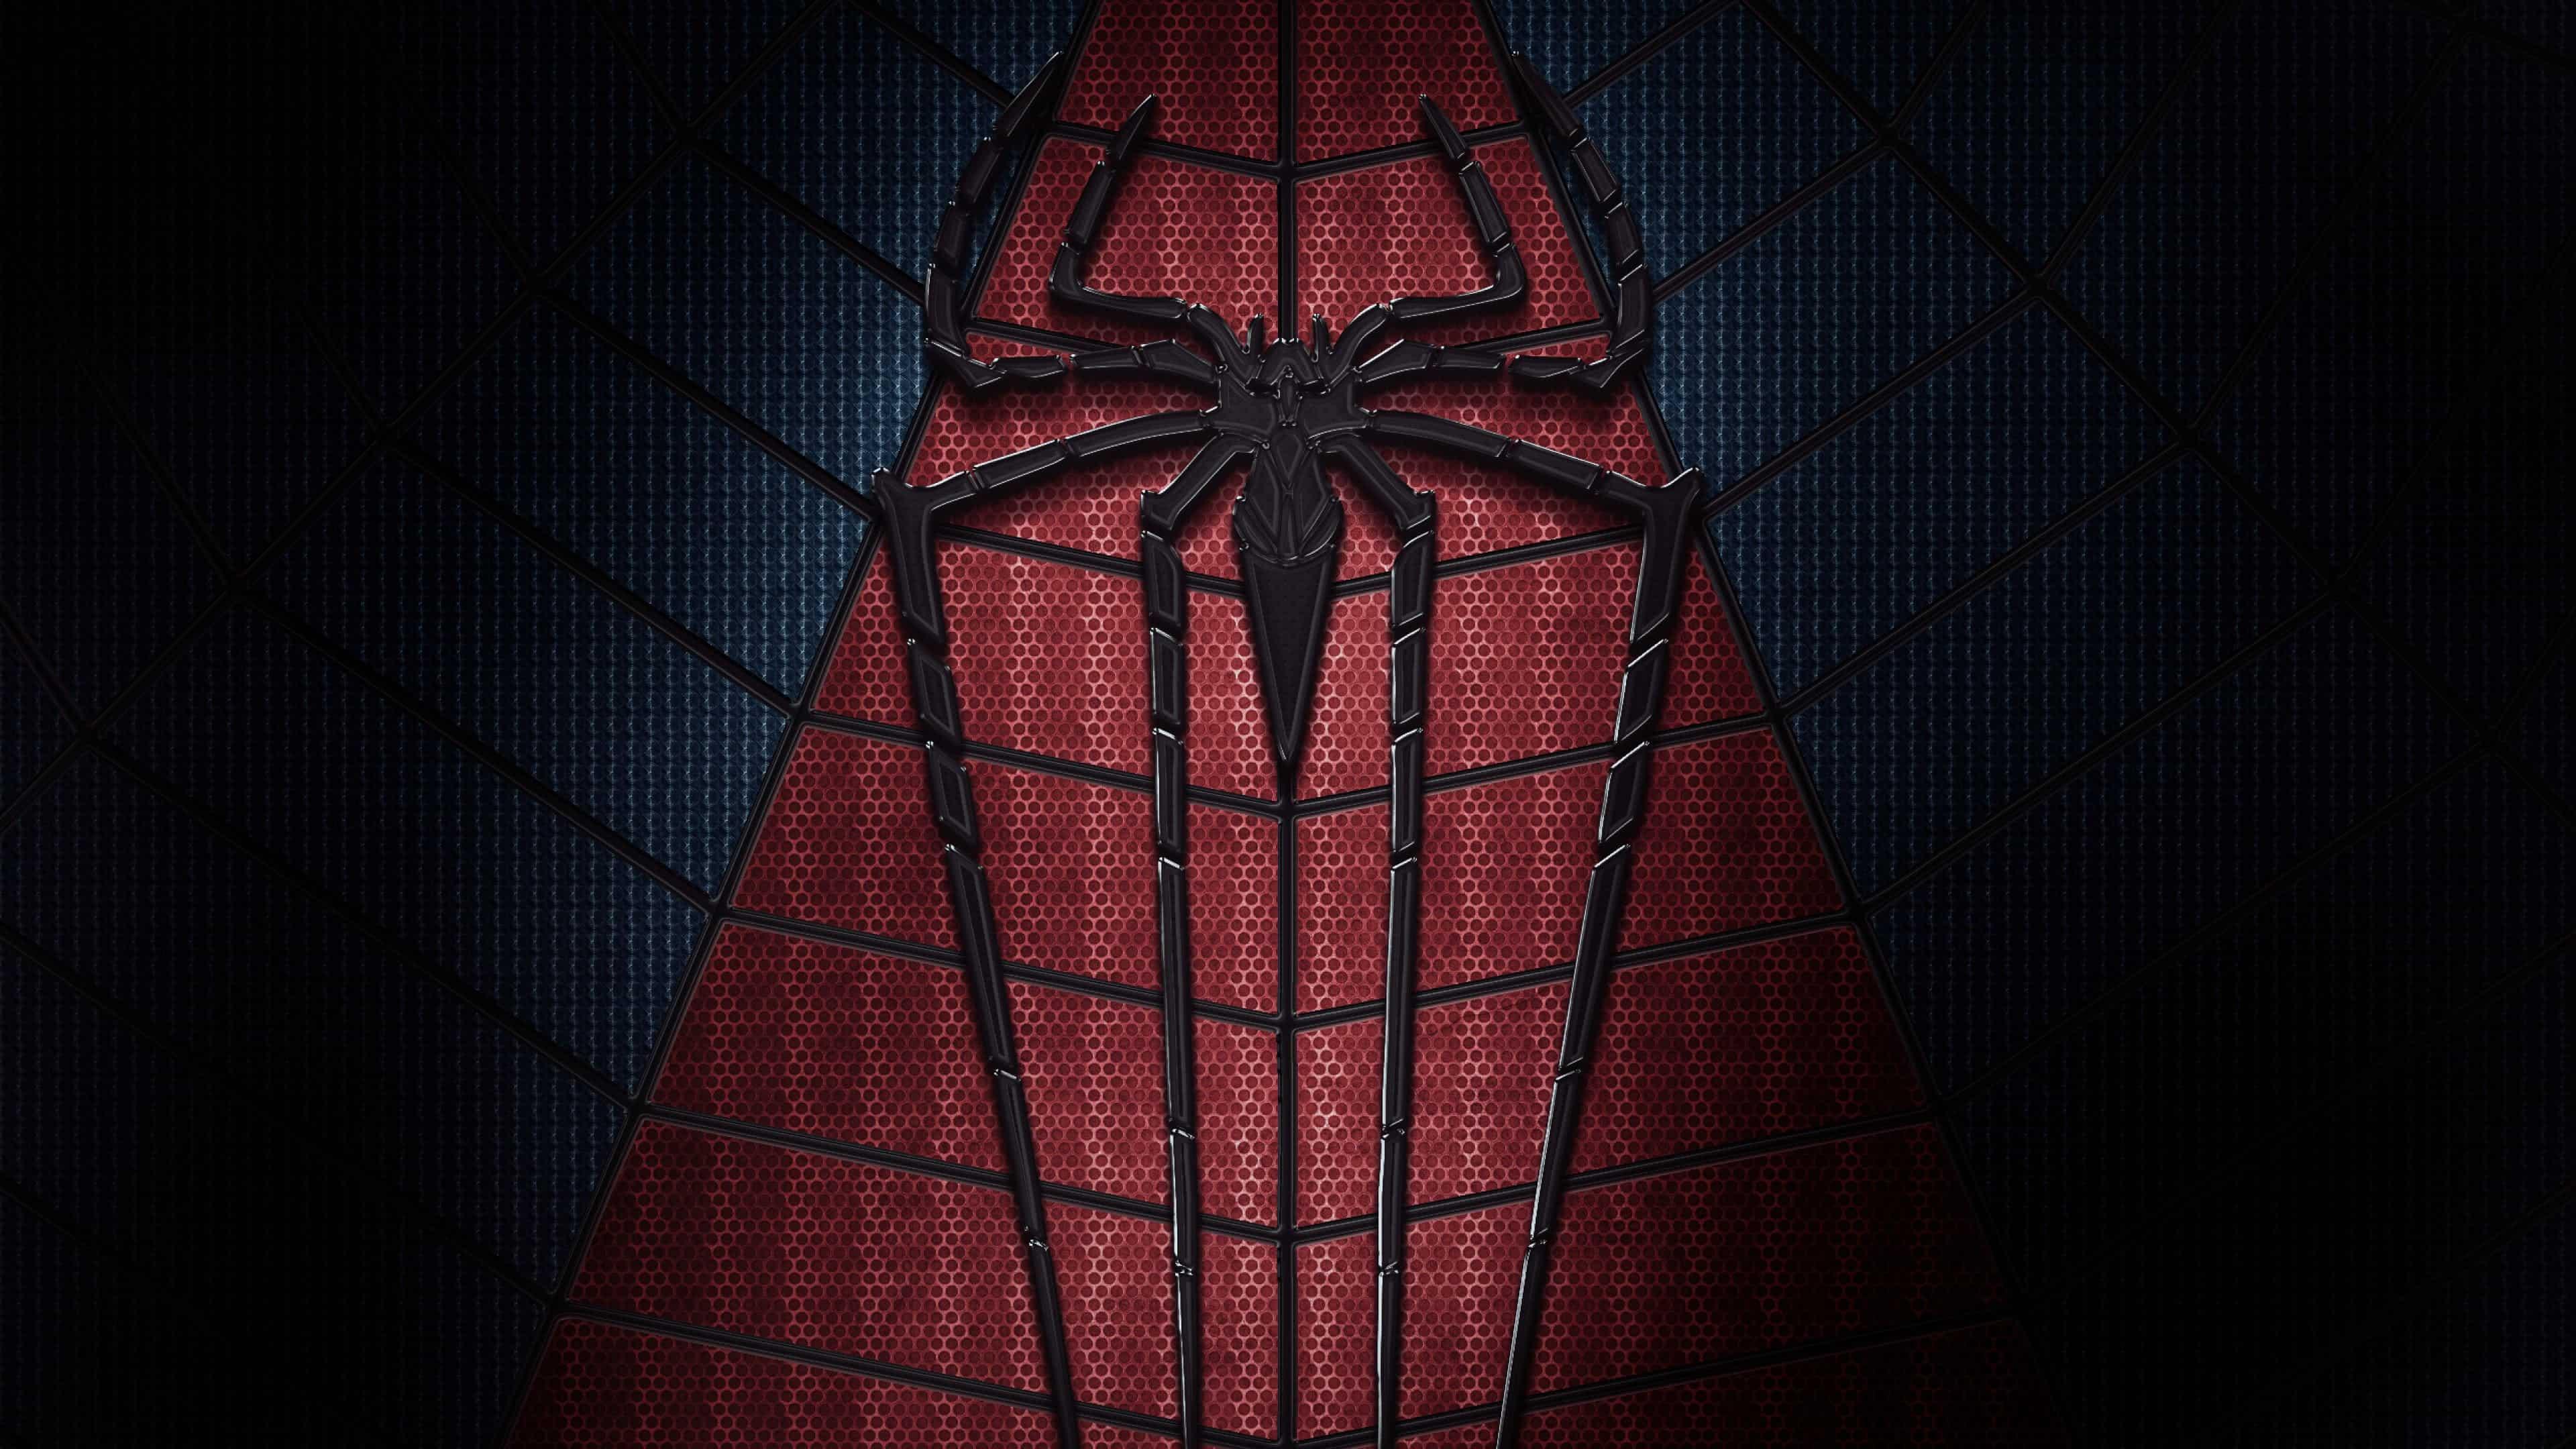 the amazing spider man spider uhd 4k wallpaper